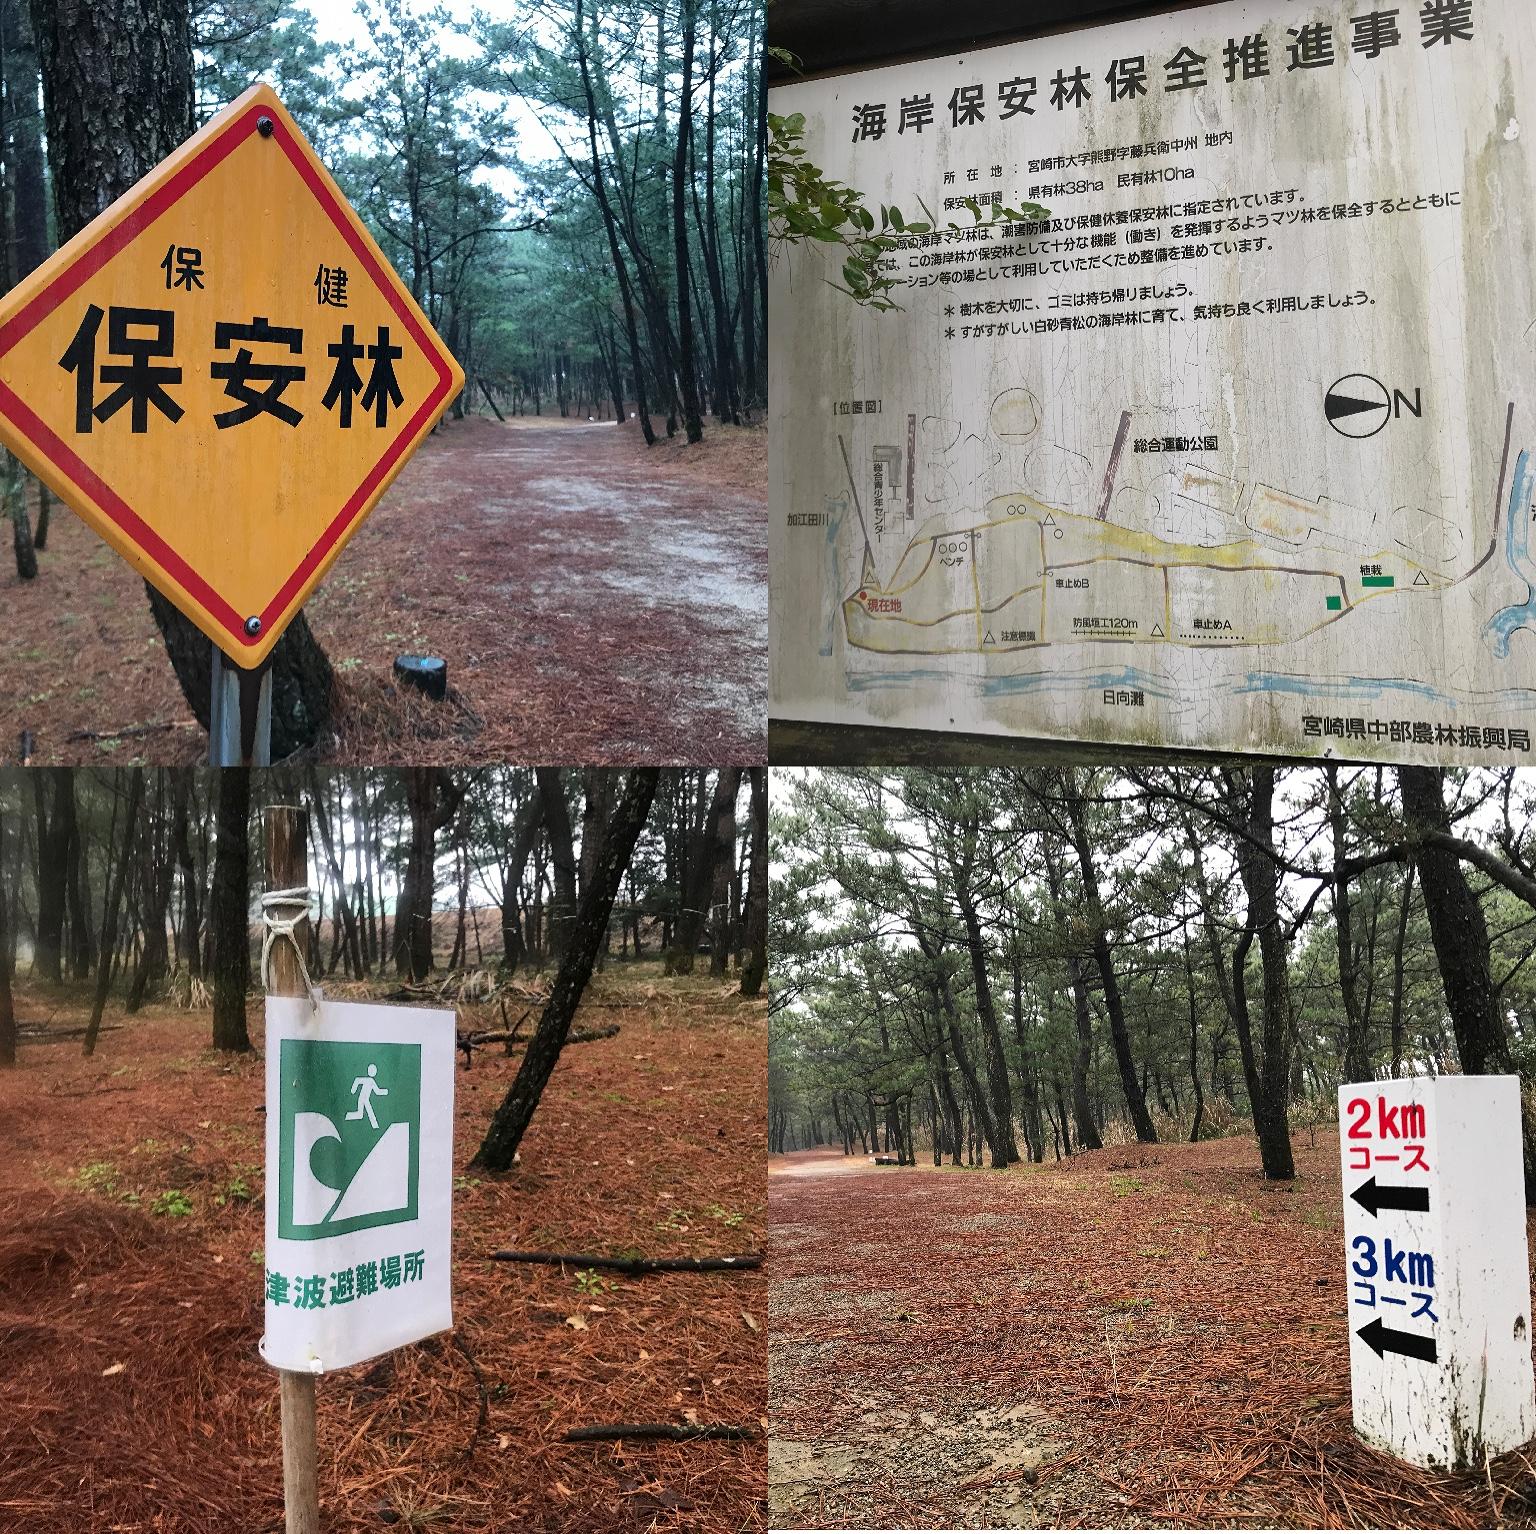 松木樹林除了作為越野跑道,也是防潮害設施,而運動公園內的田徑場、棒球場則成為海嘯避難所,這樣人與大自然融合的運動公園設計,實在是令我大開眼界!